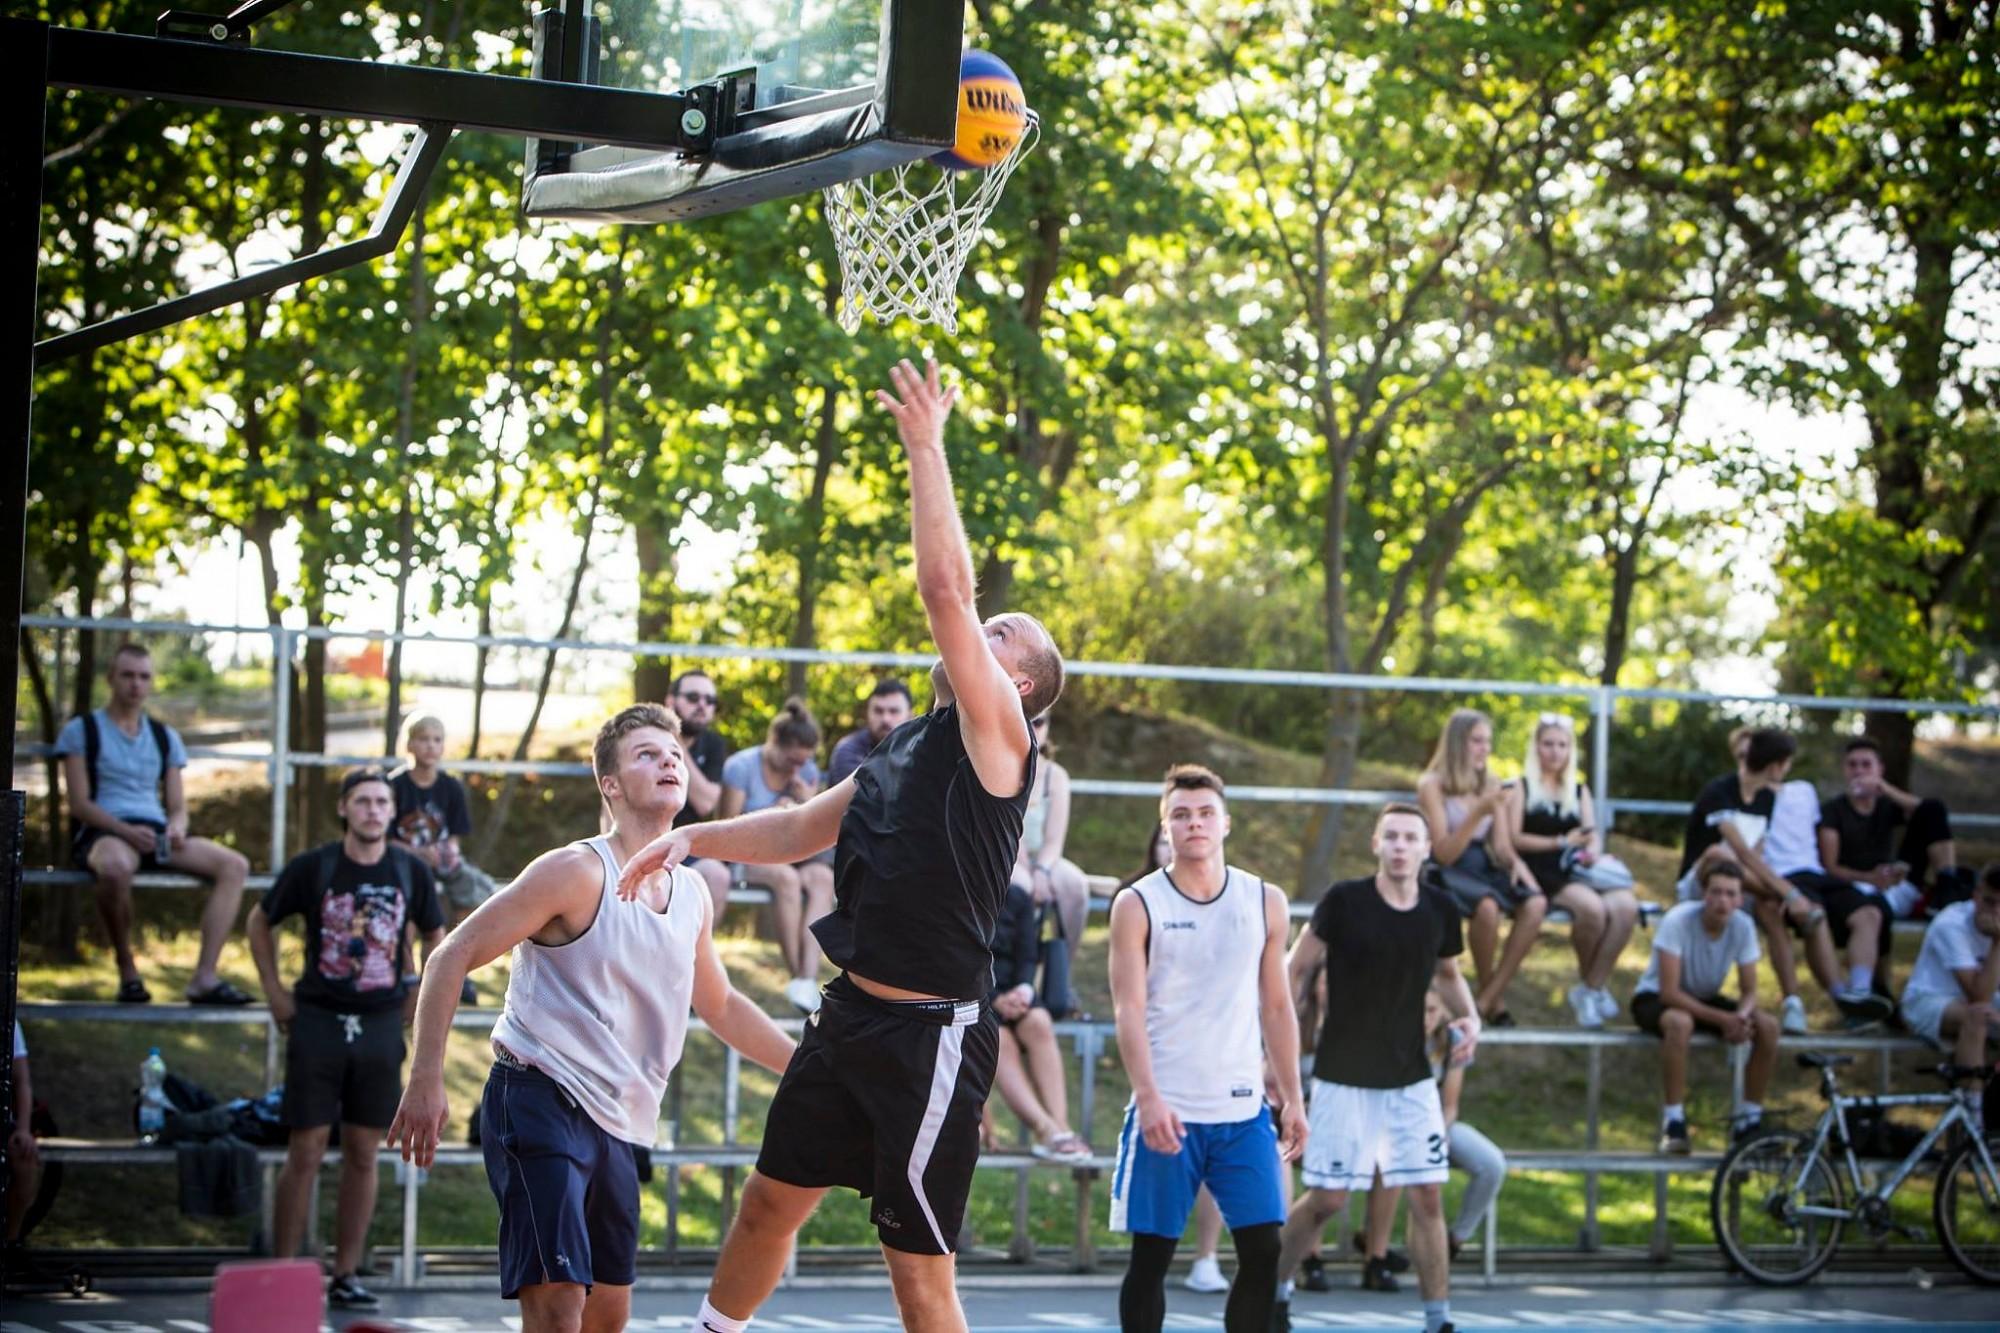 3×3 ielu basketbola nakts turnīrā tiks noskaidroti Liepājas čempioni strītbolā